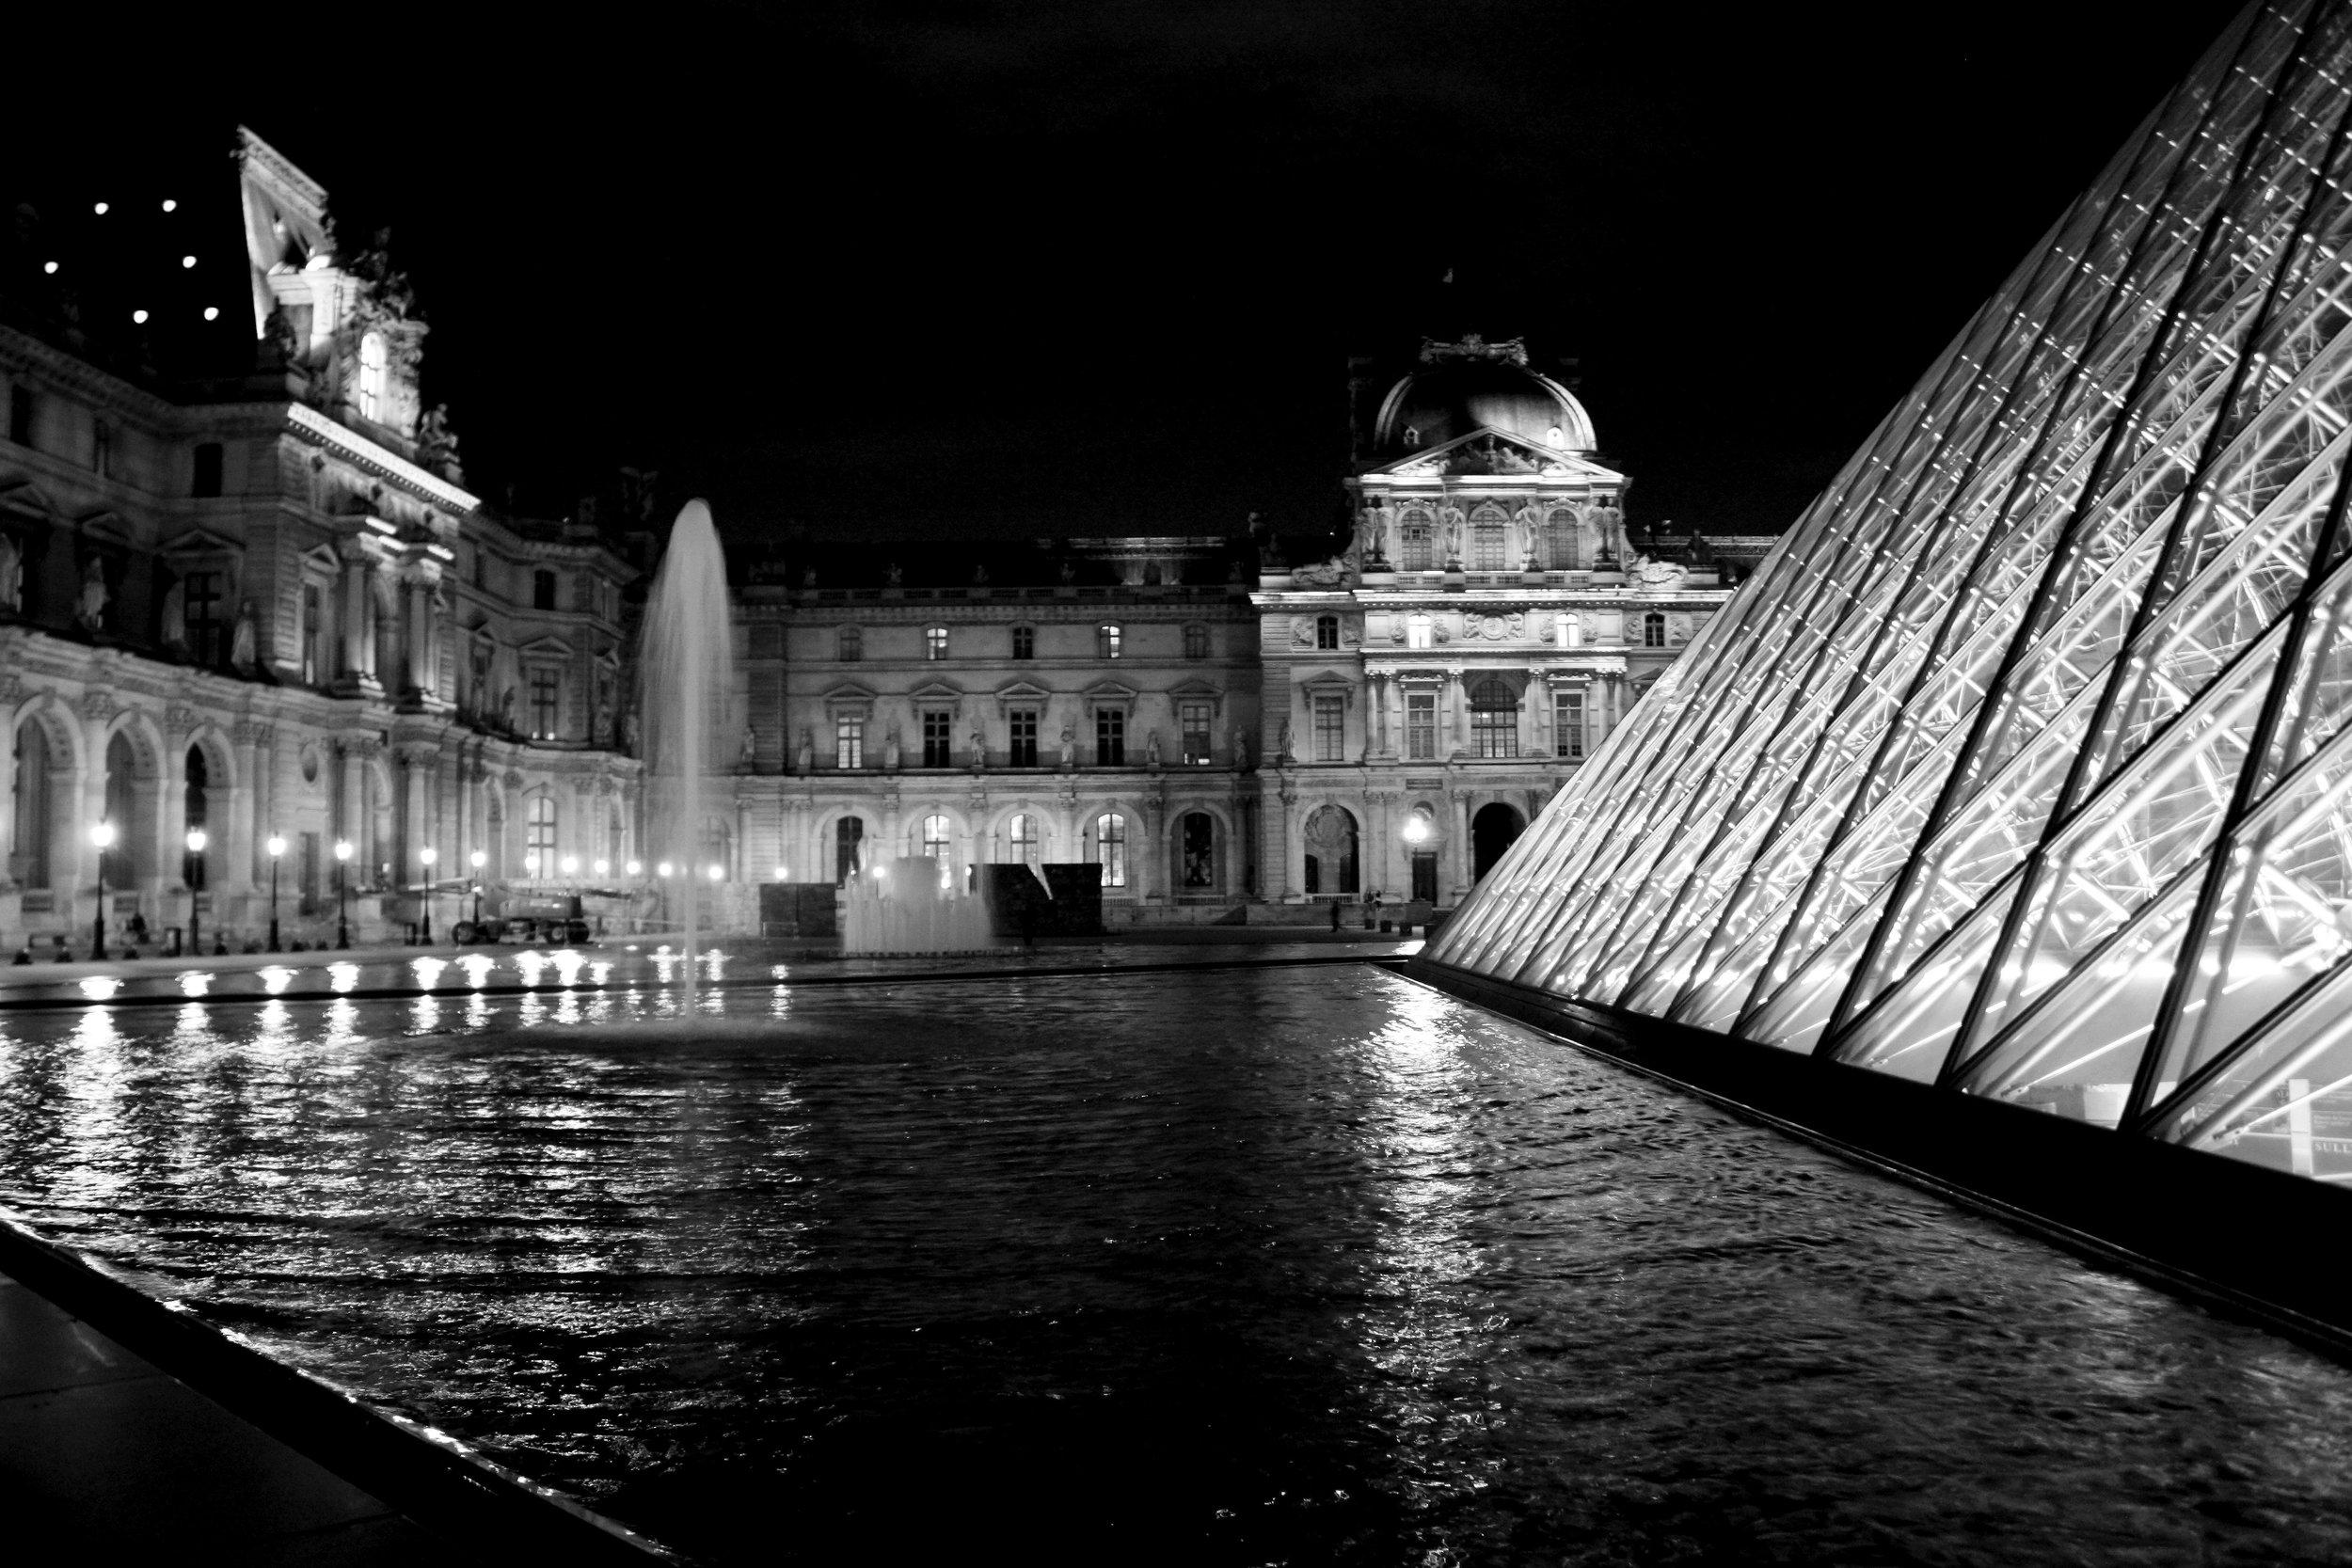 The Louvre, illuminated at night